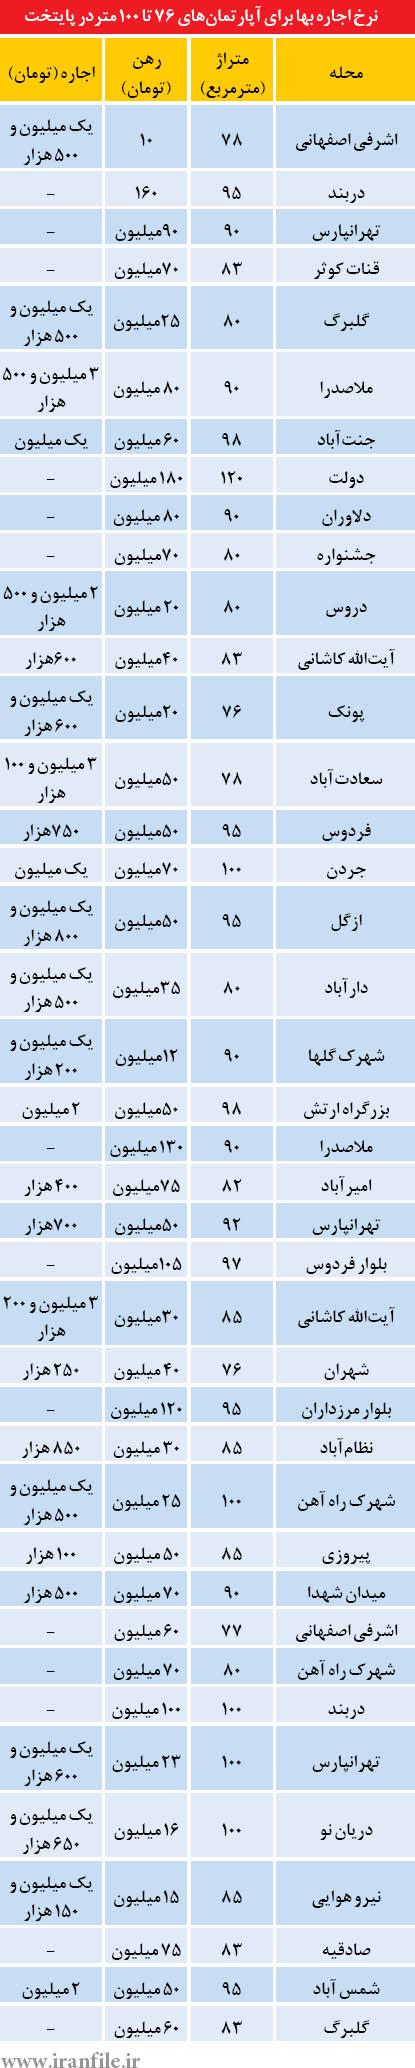 بازار رهن و اجاره در تهران (+جدول)